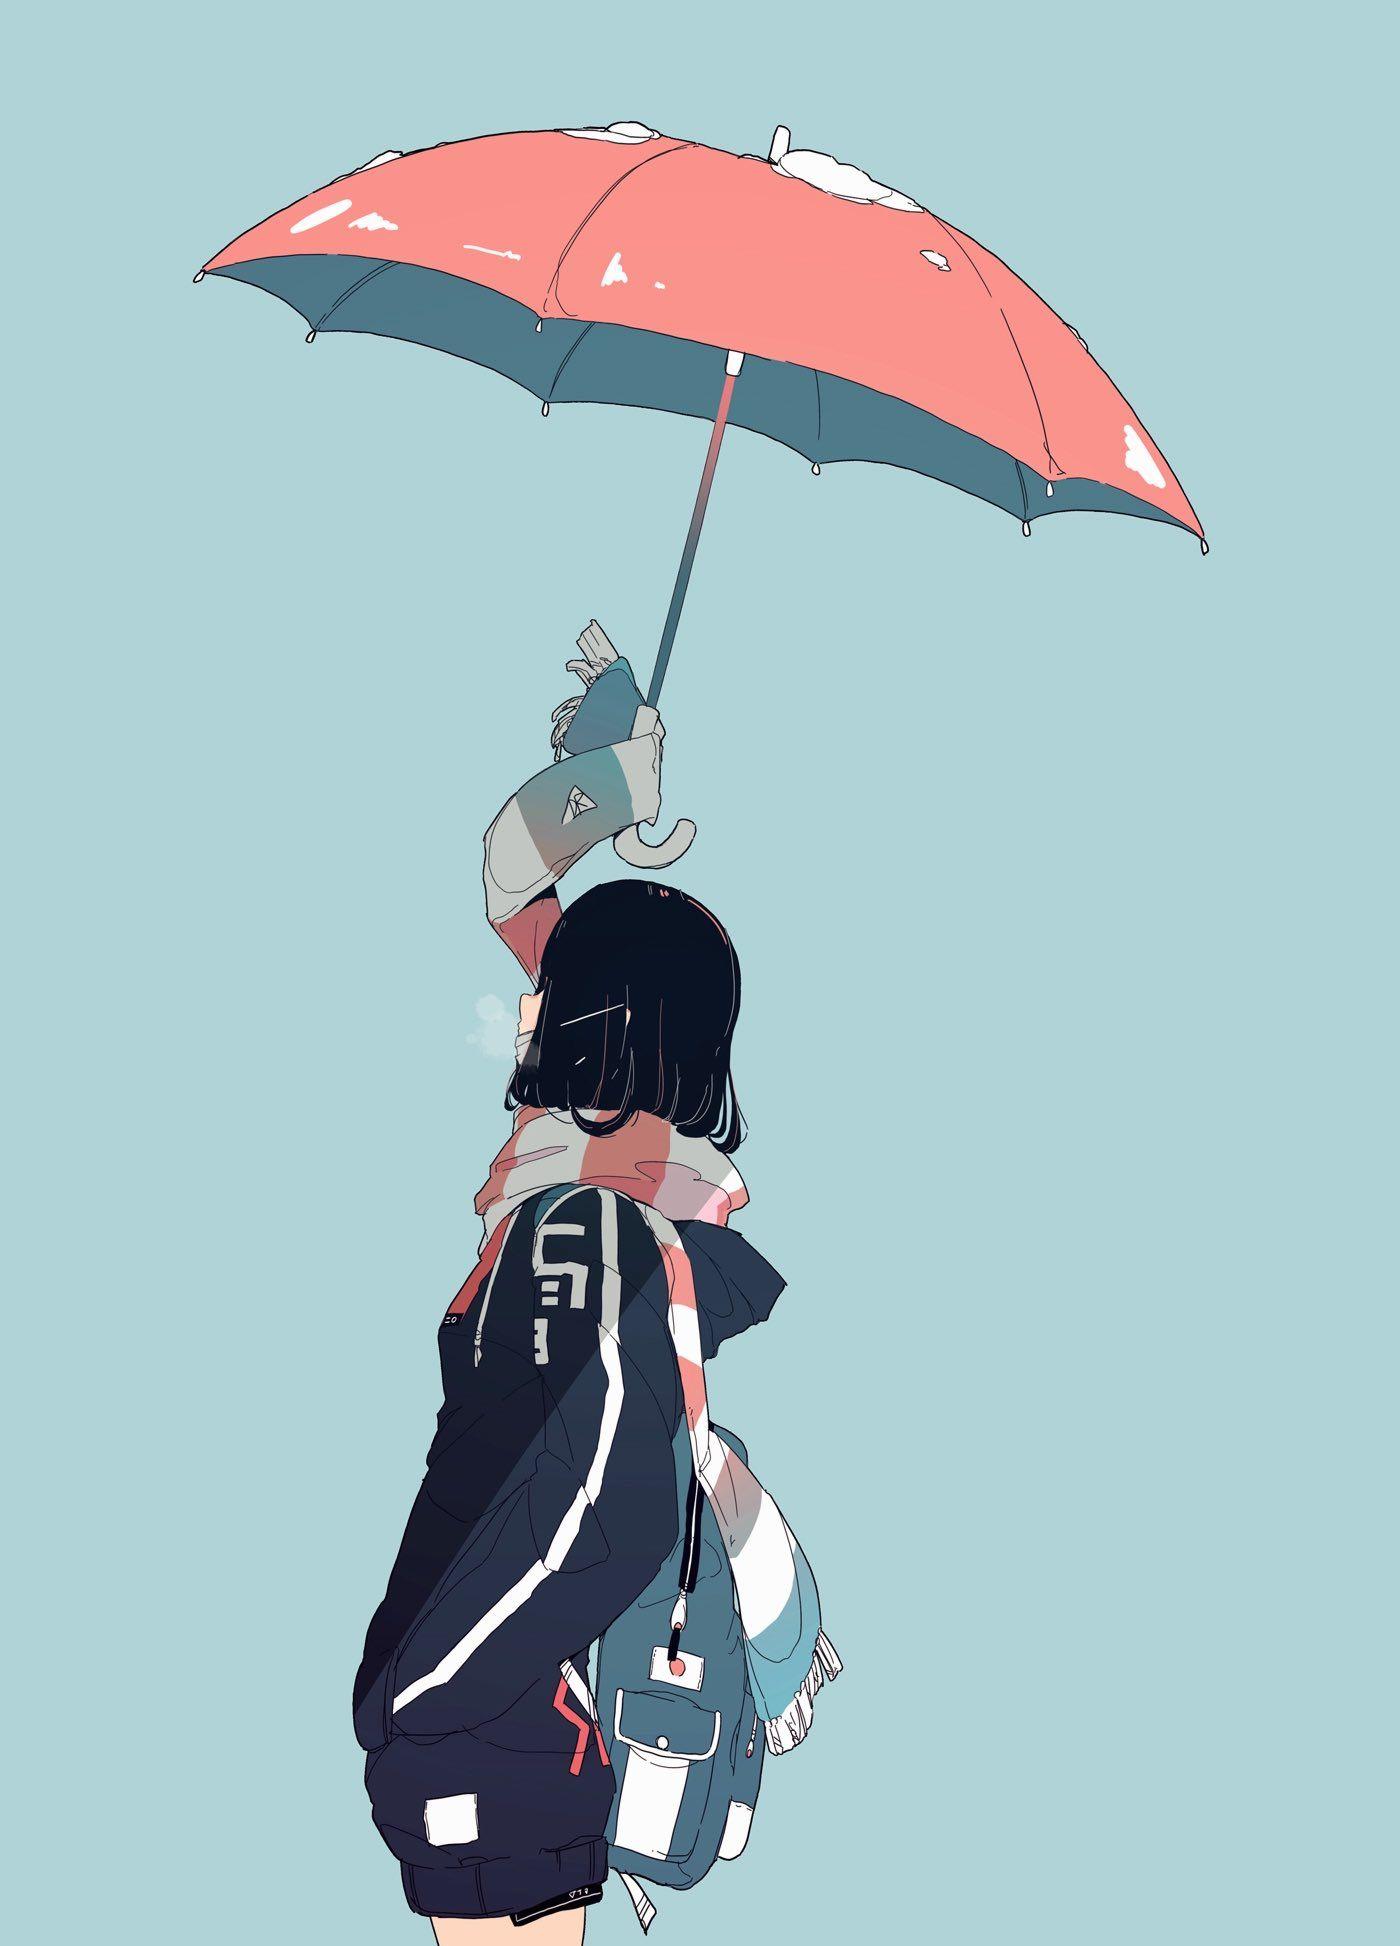 Artist Daisuke Richard in 2020 Artist, Anime, Anime art